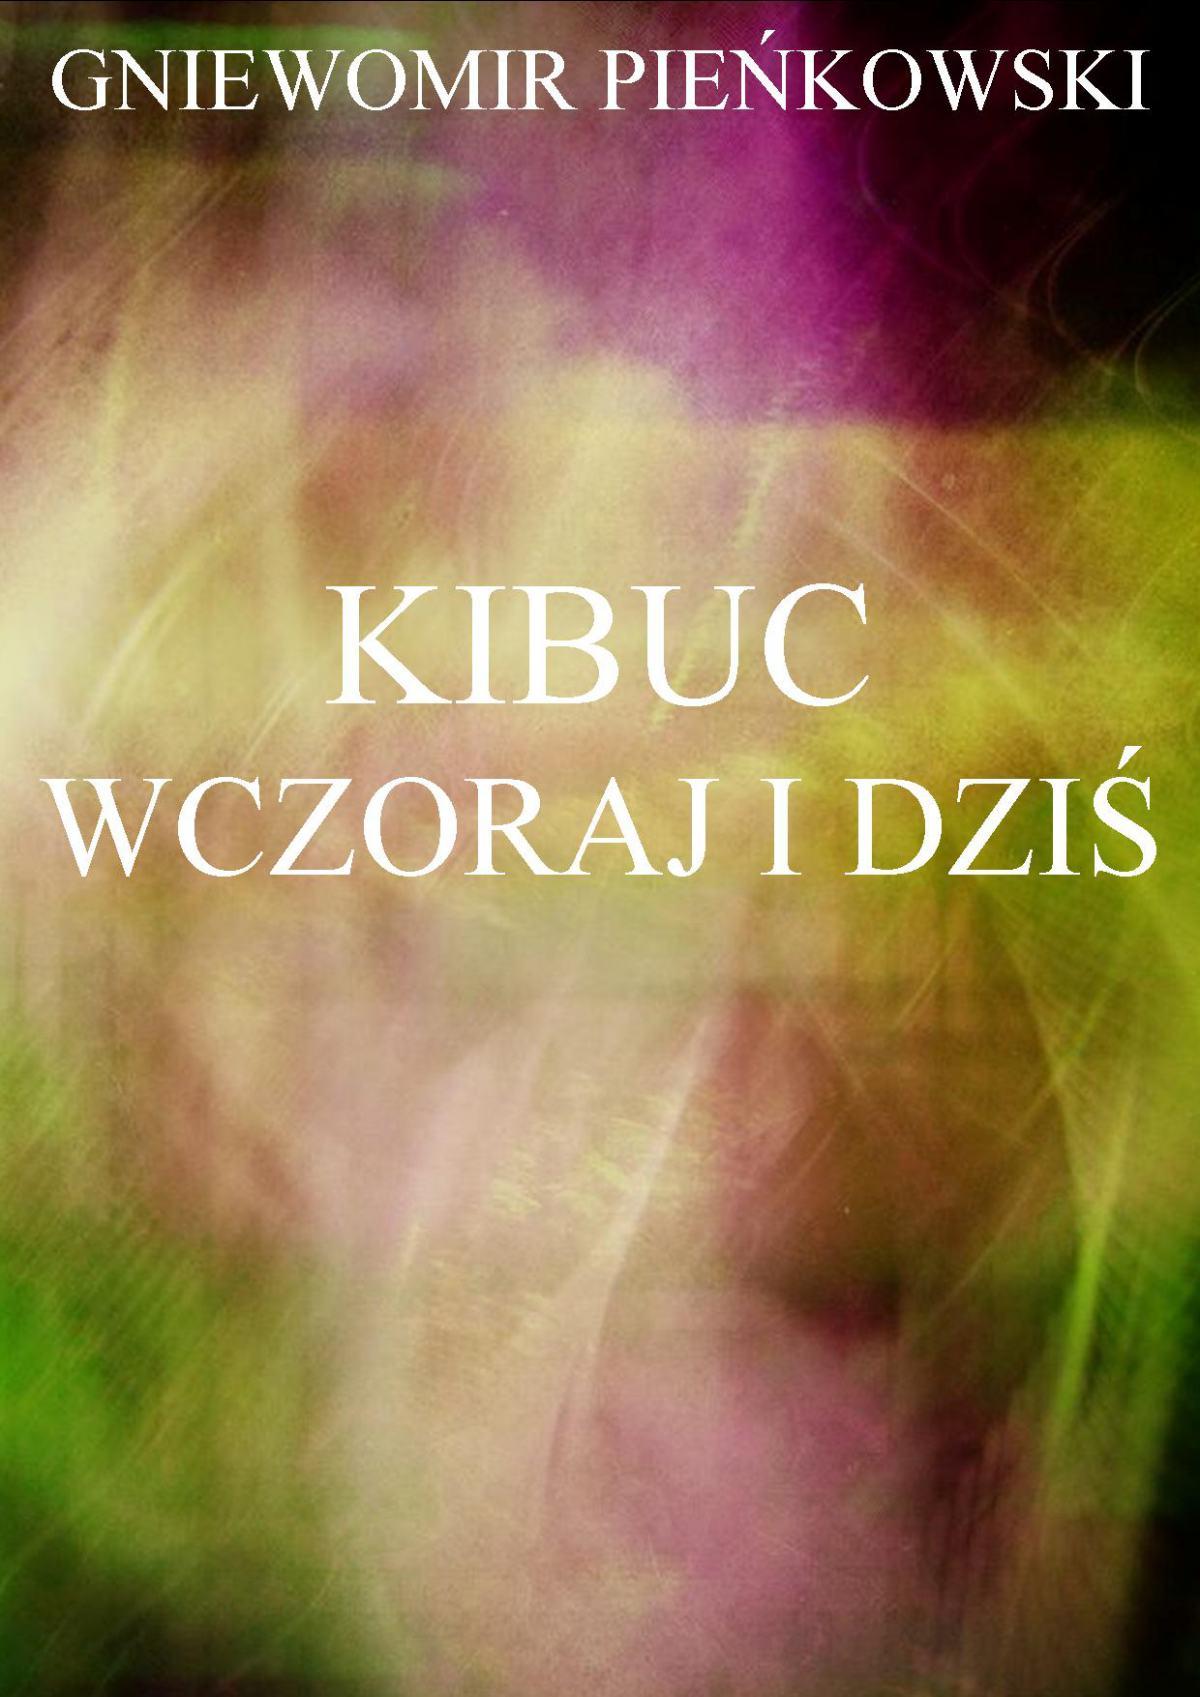 Kibuc. Wczoraj i dziś - Ebook (Książka PDF) do pobrania w formacie PDF